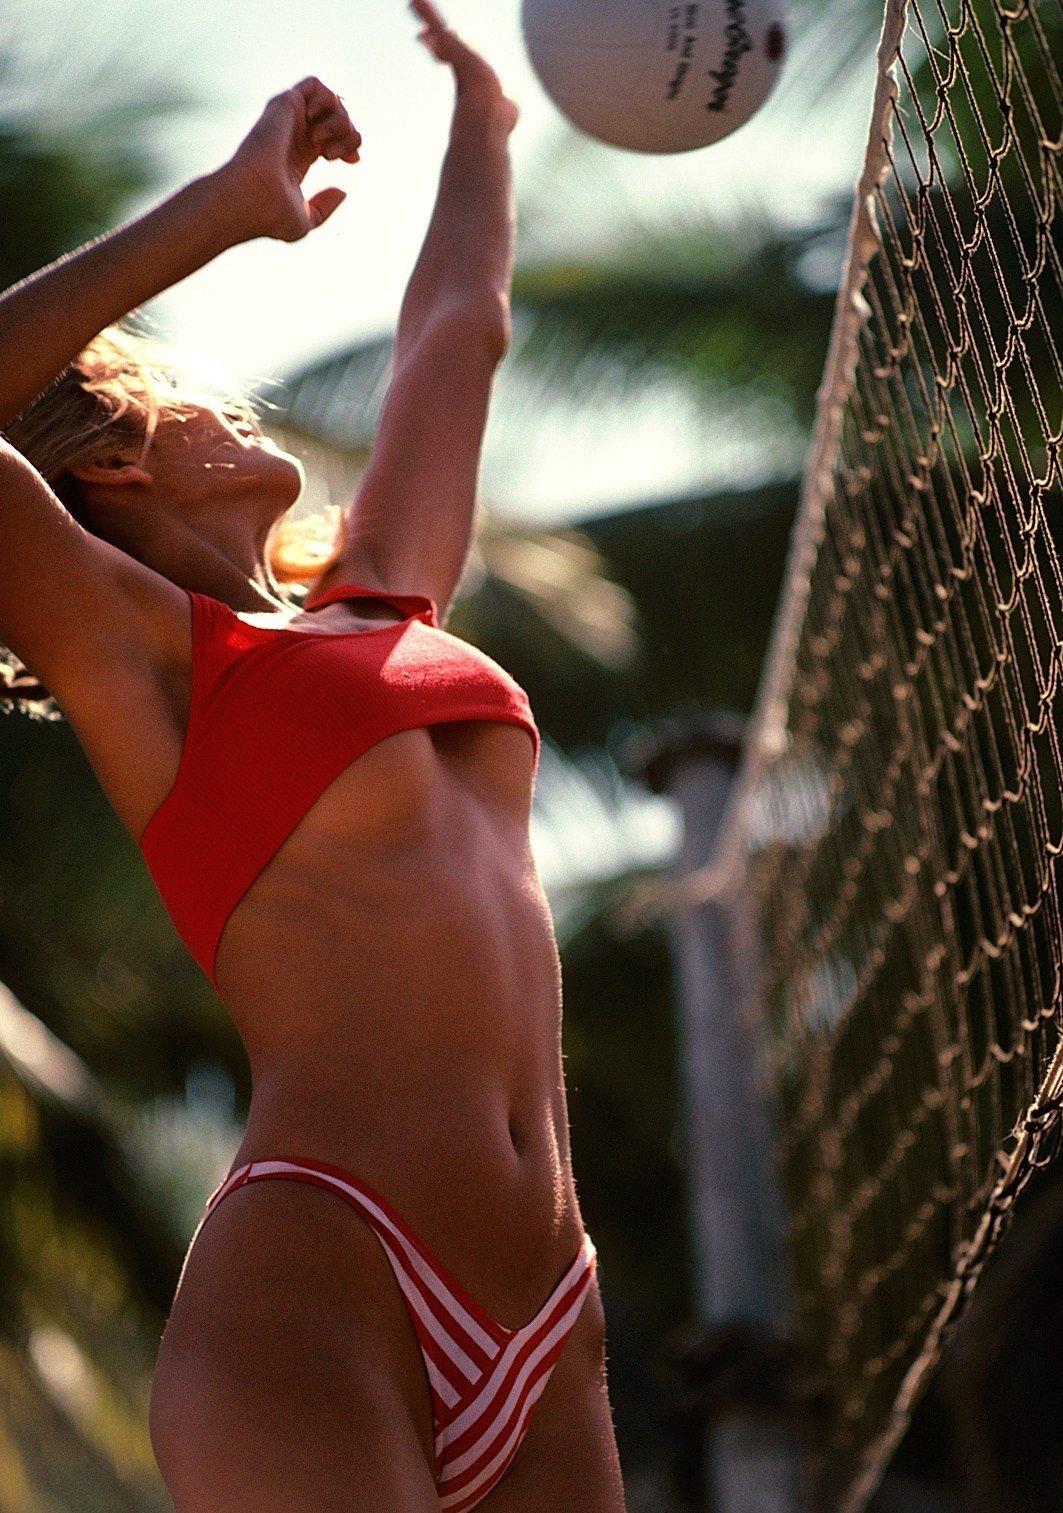 Красотка топлес играют волейбол, смотреть секс с очень красивой девушкой с сиськами